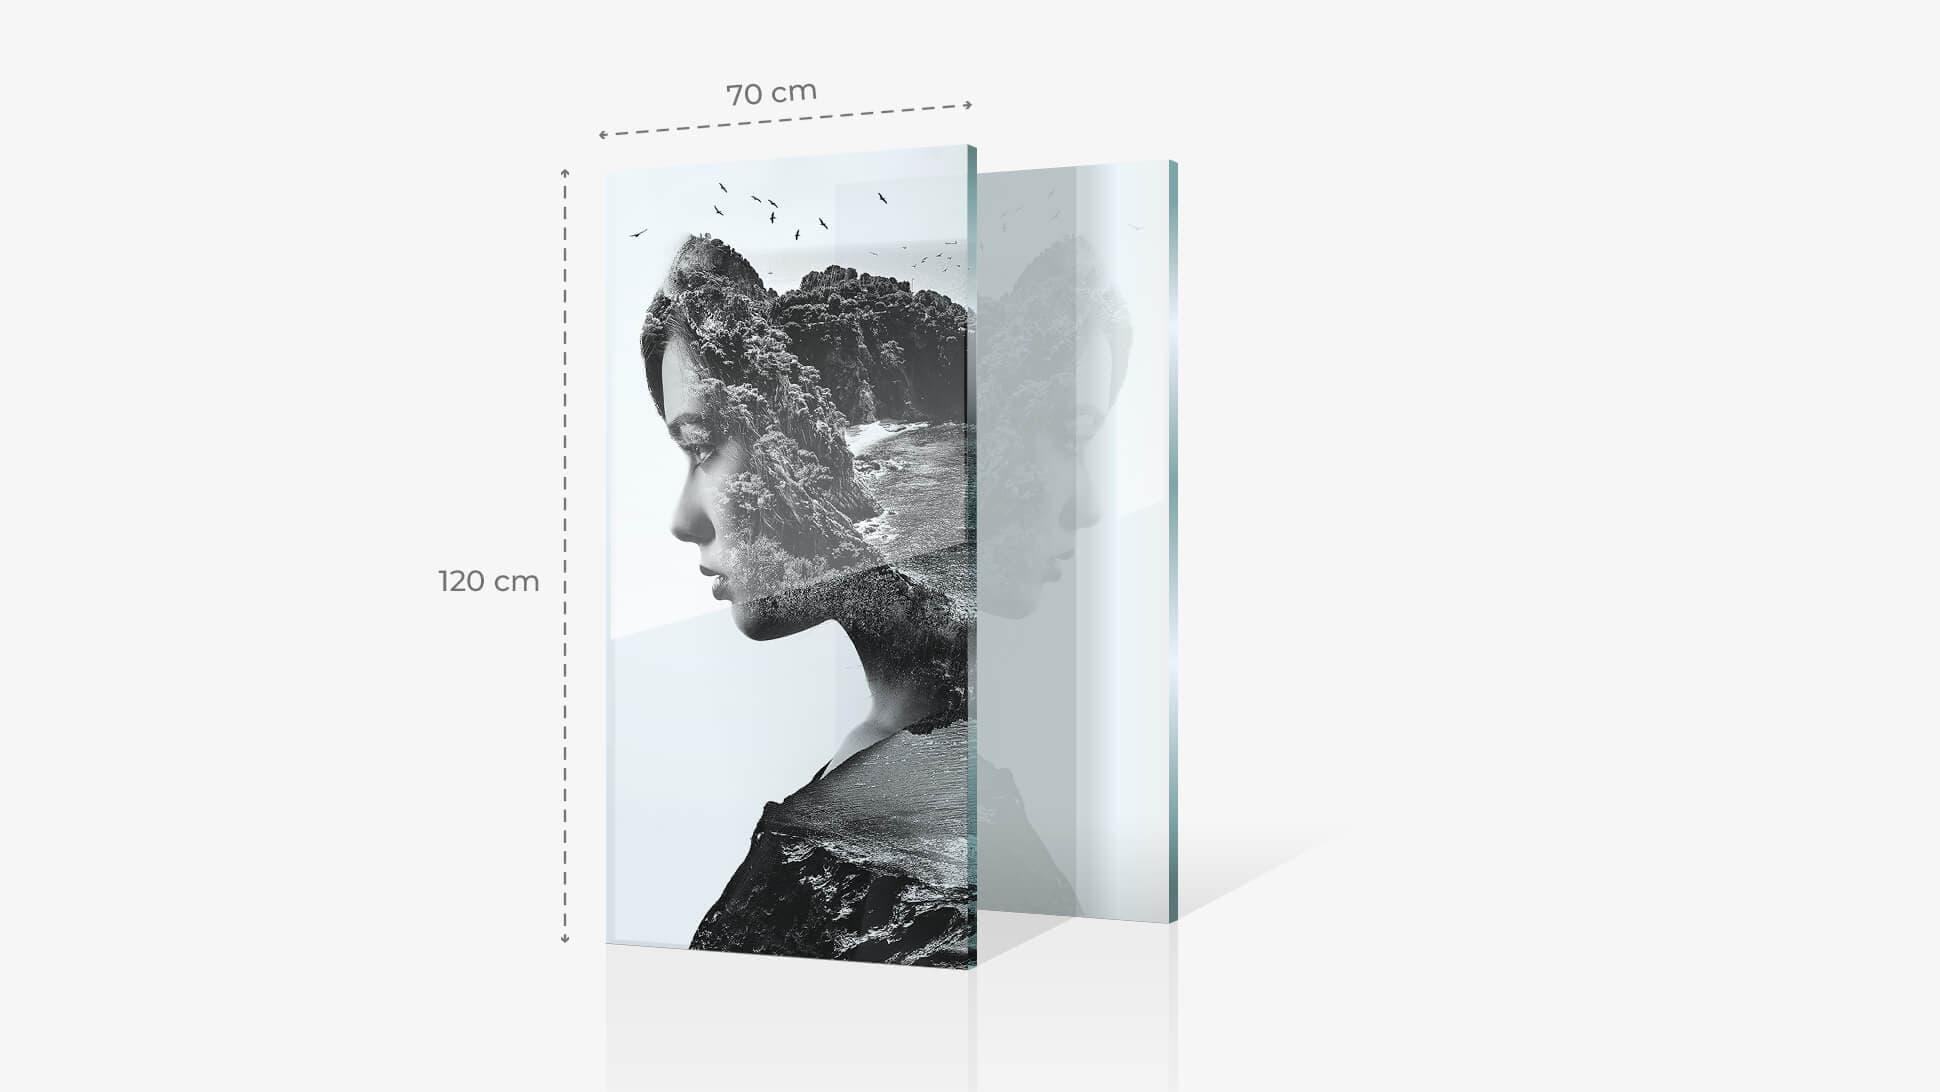 Foto su vetro acrilico 70x120 cm con grafica | tictac.it